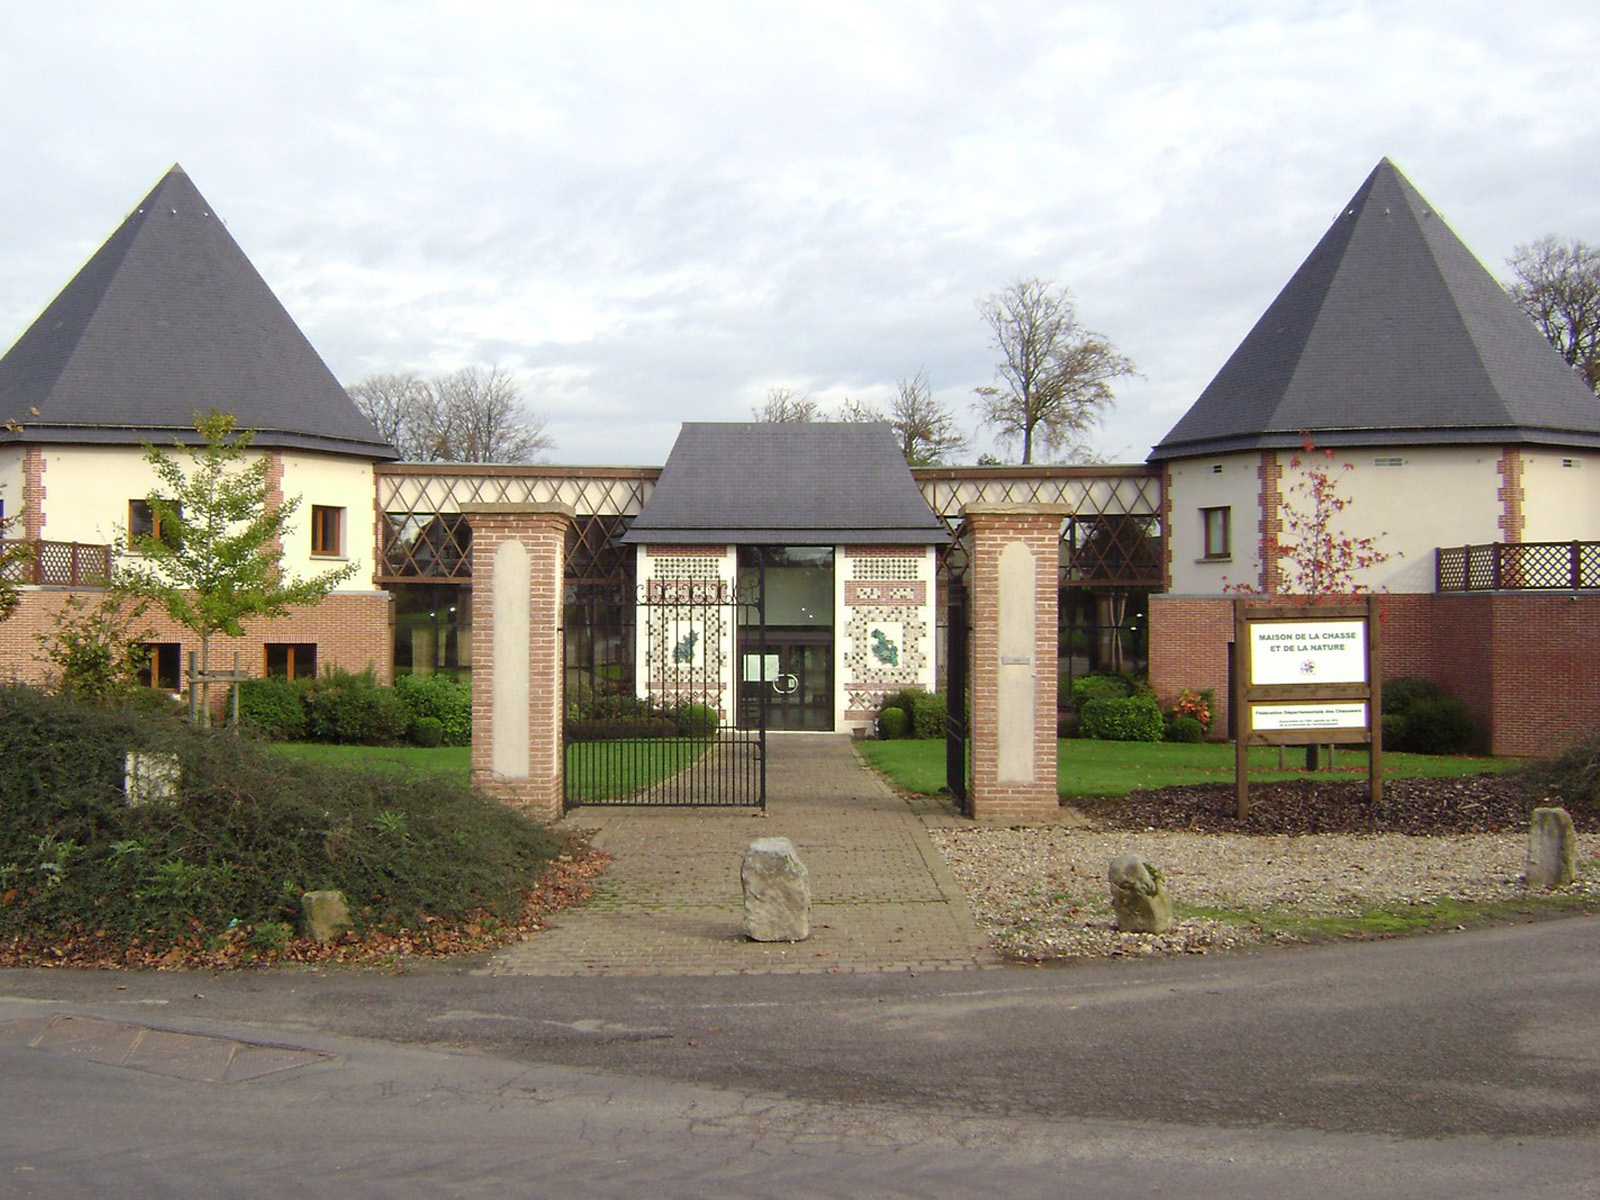 Maison Des Chasseurs Charpentes Traditionnelle - Bureau d'etudes structure bois : Lefebvre Sylvain - Vue Exterieur Globale